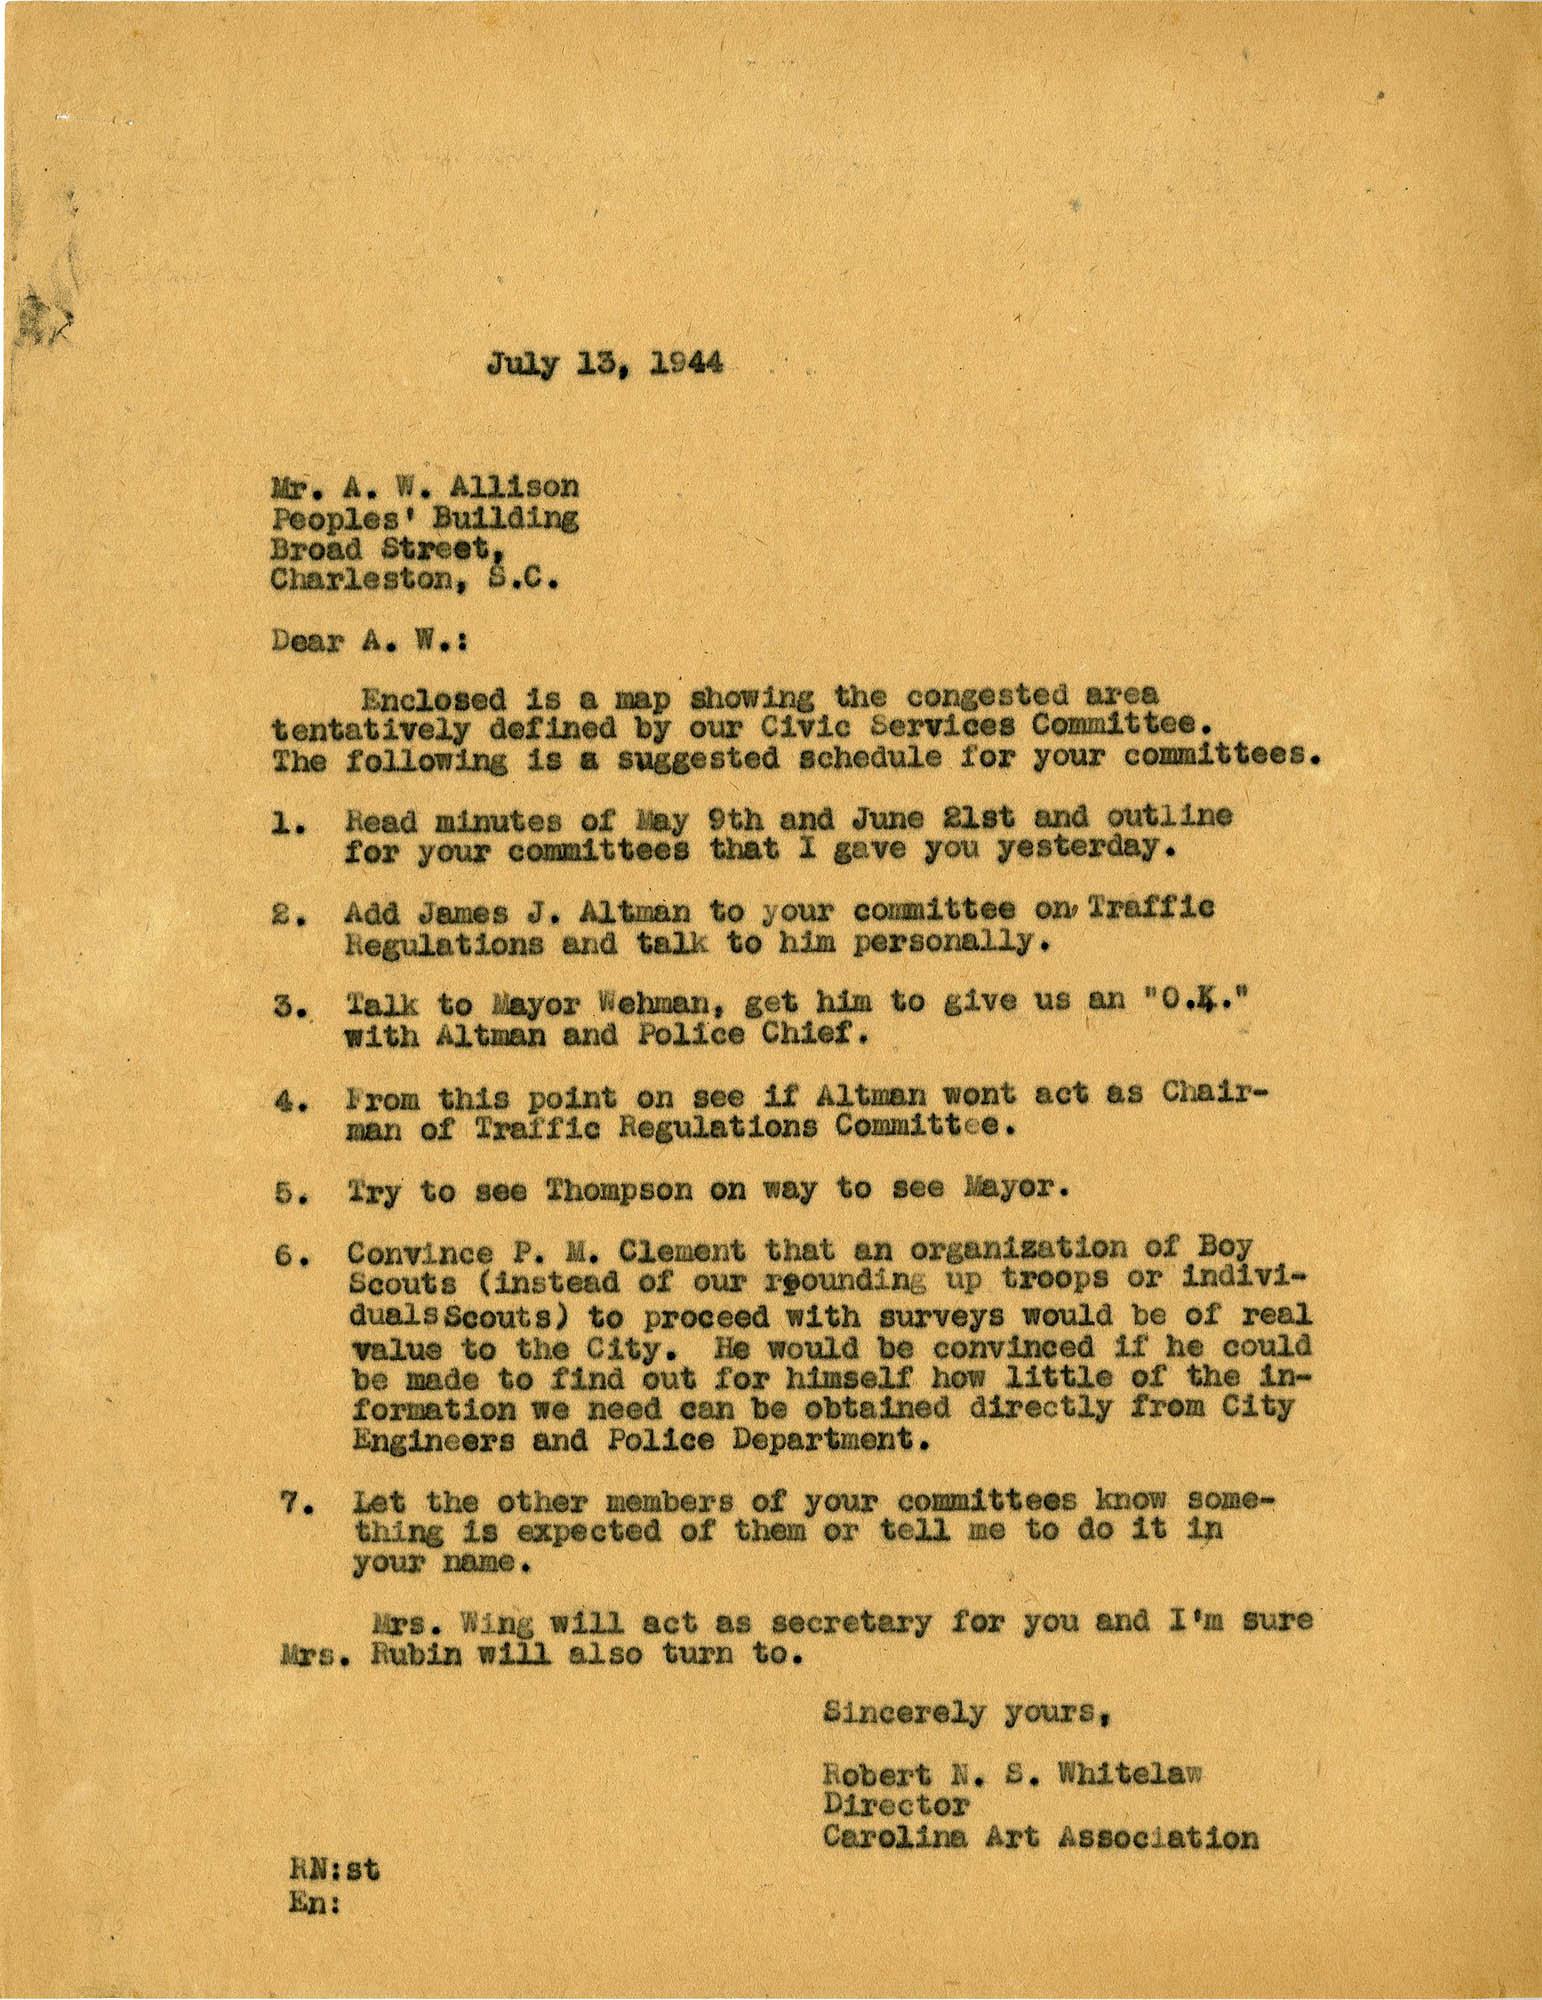 Folder 43: Whitelaw Letter 3